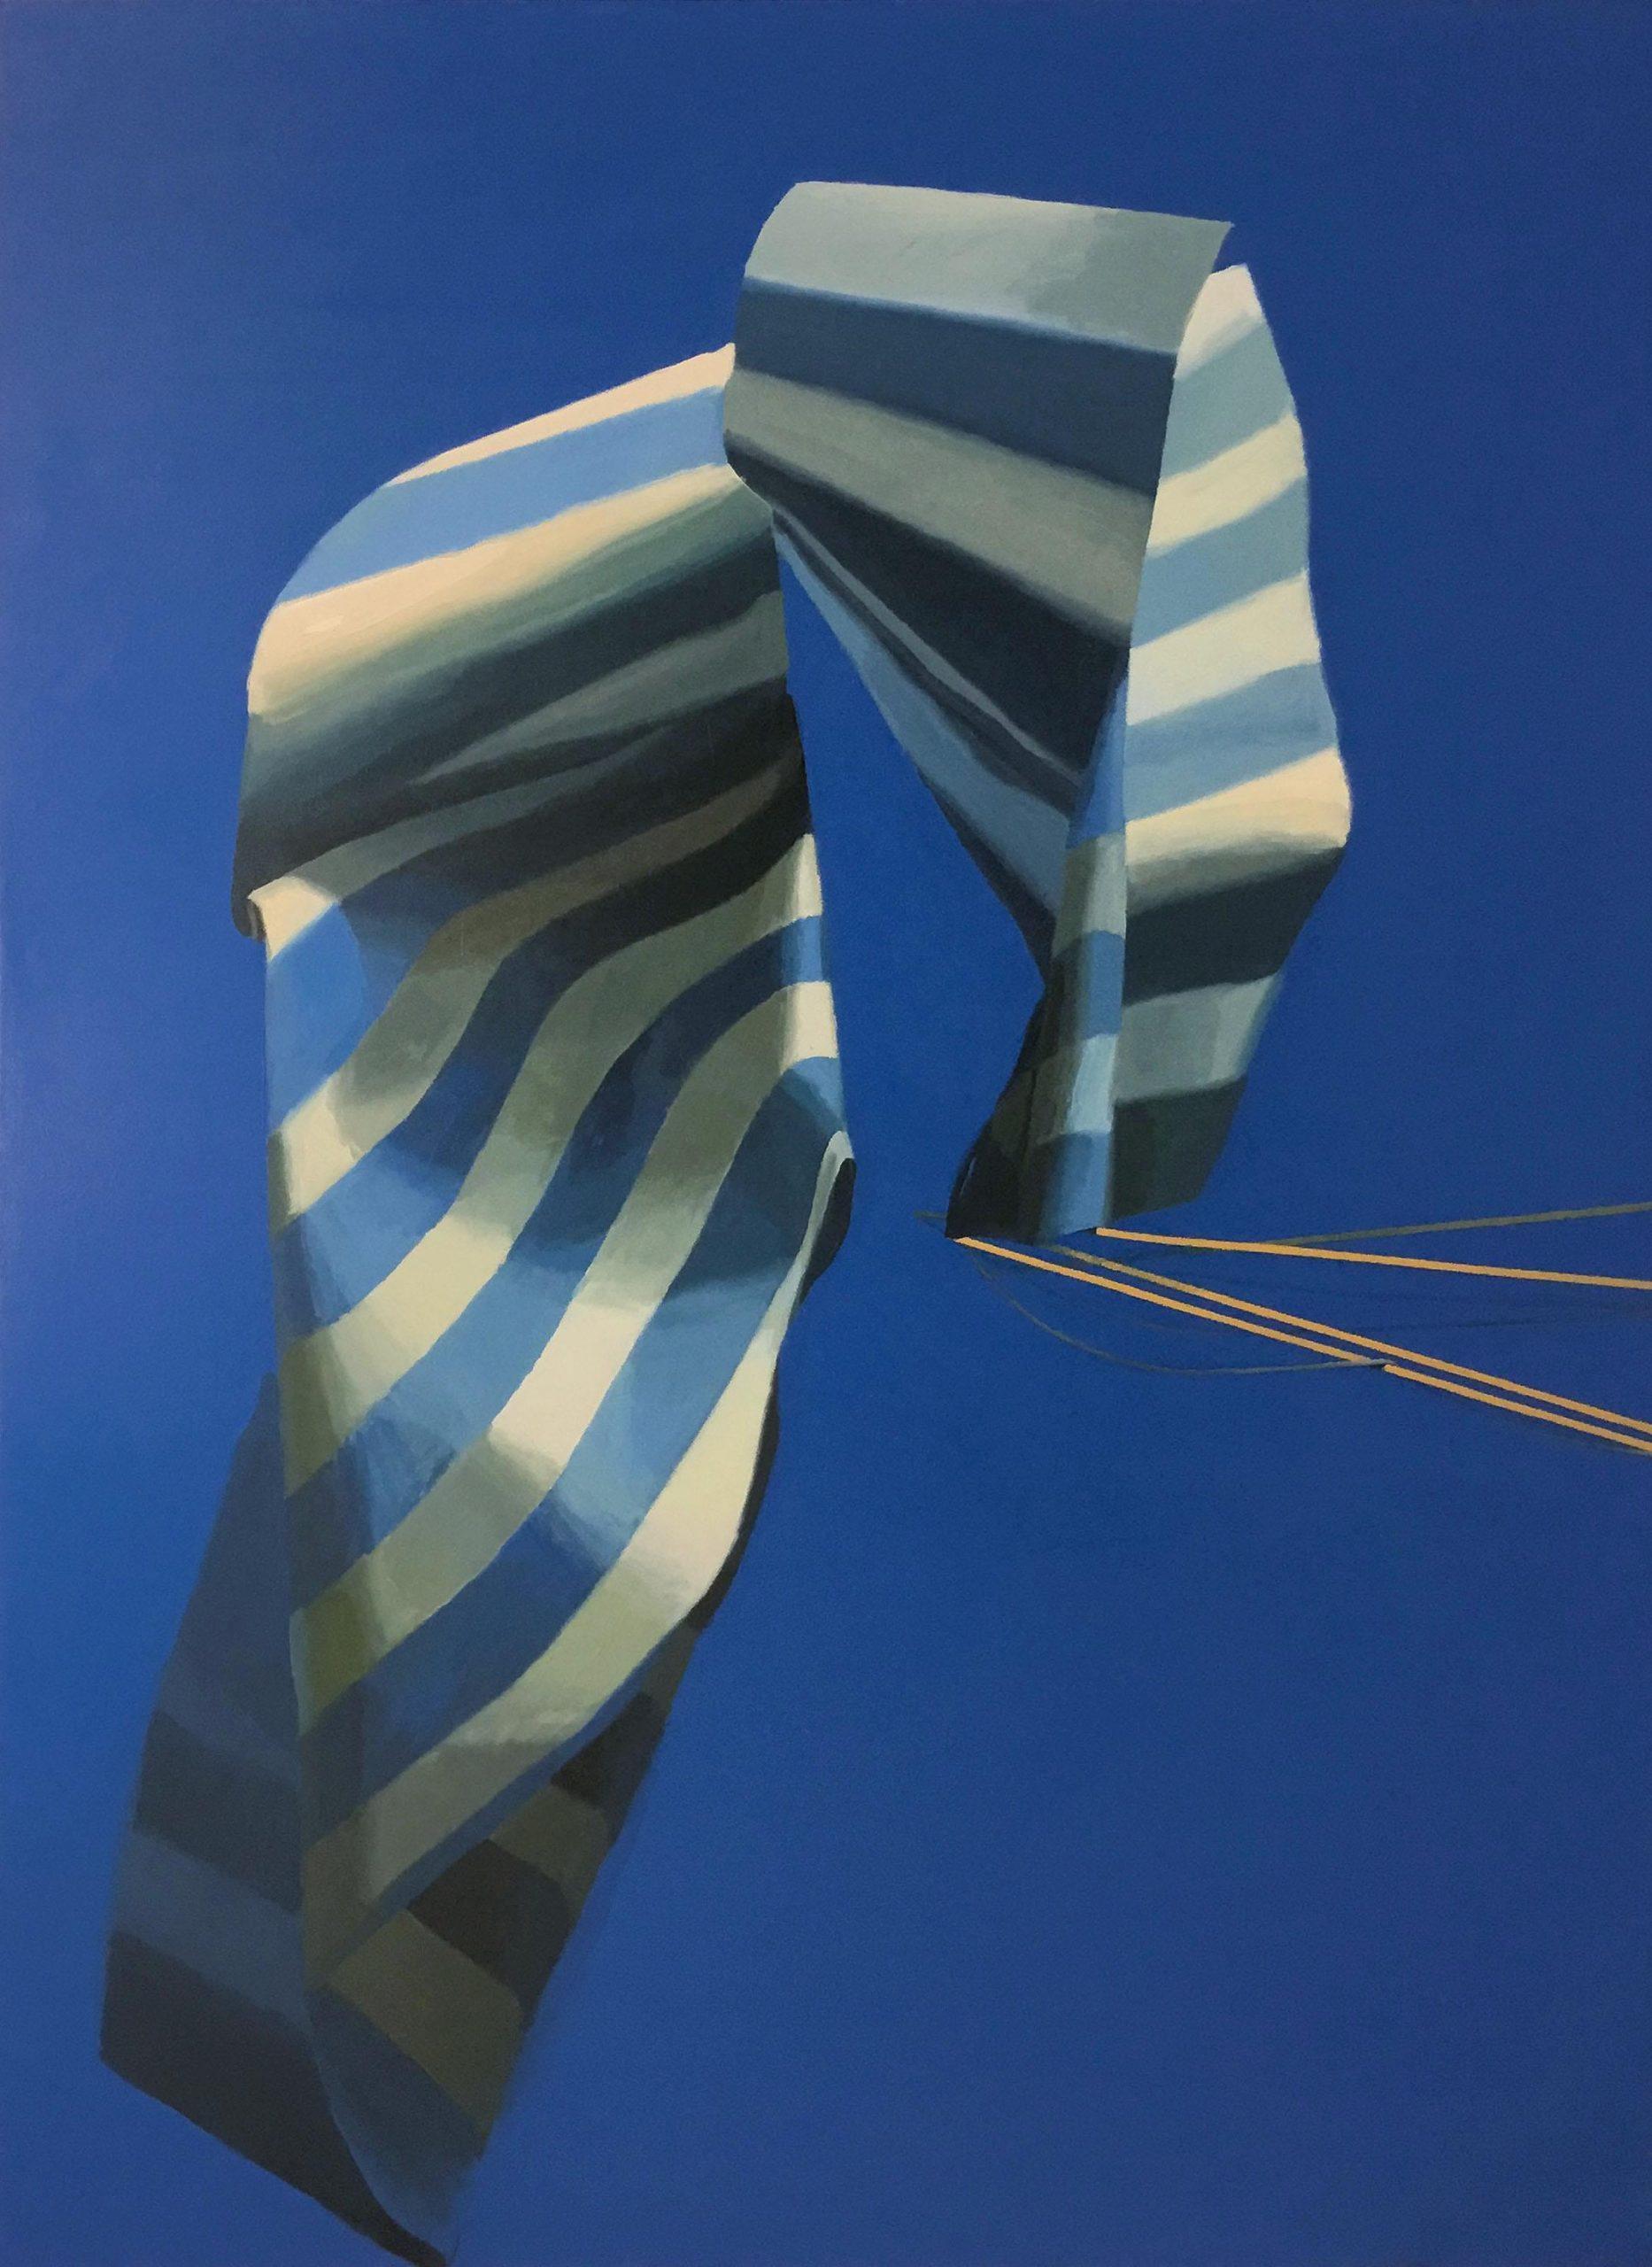 02-ASTA, PAÑO Y DRIZA (una solución epica y aberrante) 250 x 180 cm Pigmento y látex sobre loneta